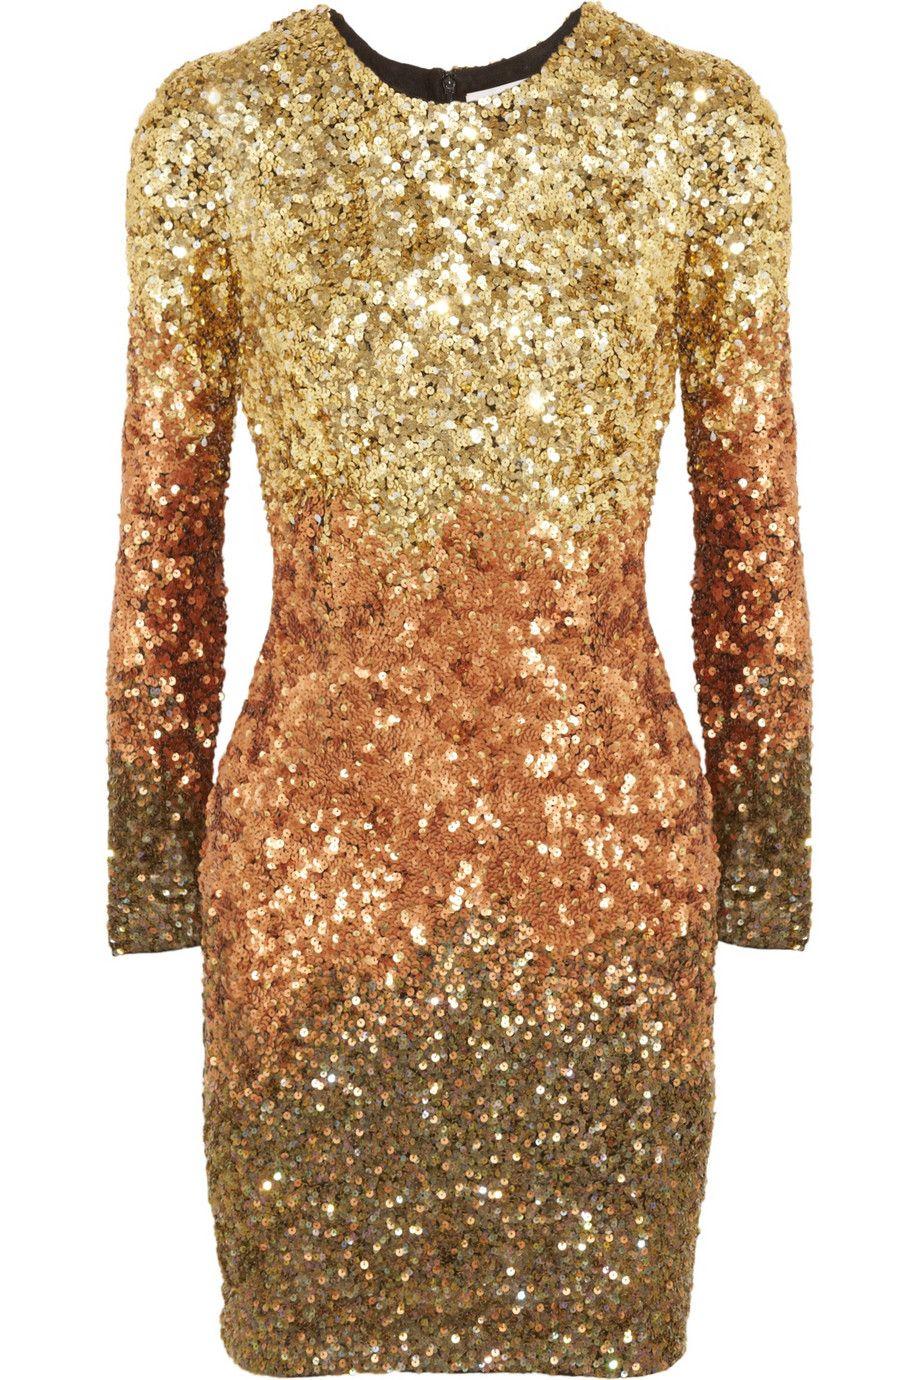 8893bd2a RACHEL GILBERT Gold Shivaun Dégradé Metallic Sequined Dress Gold, copper  and bottle-green dégradé sequined viscose. Fully lined.